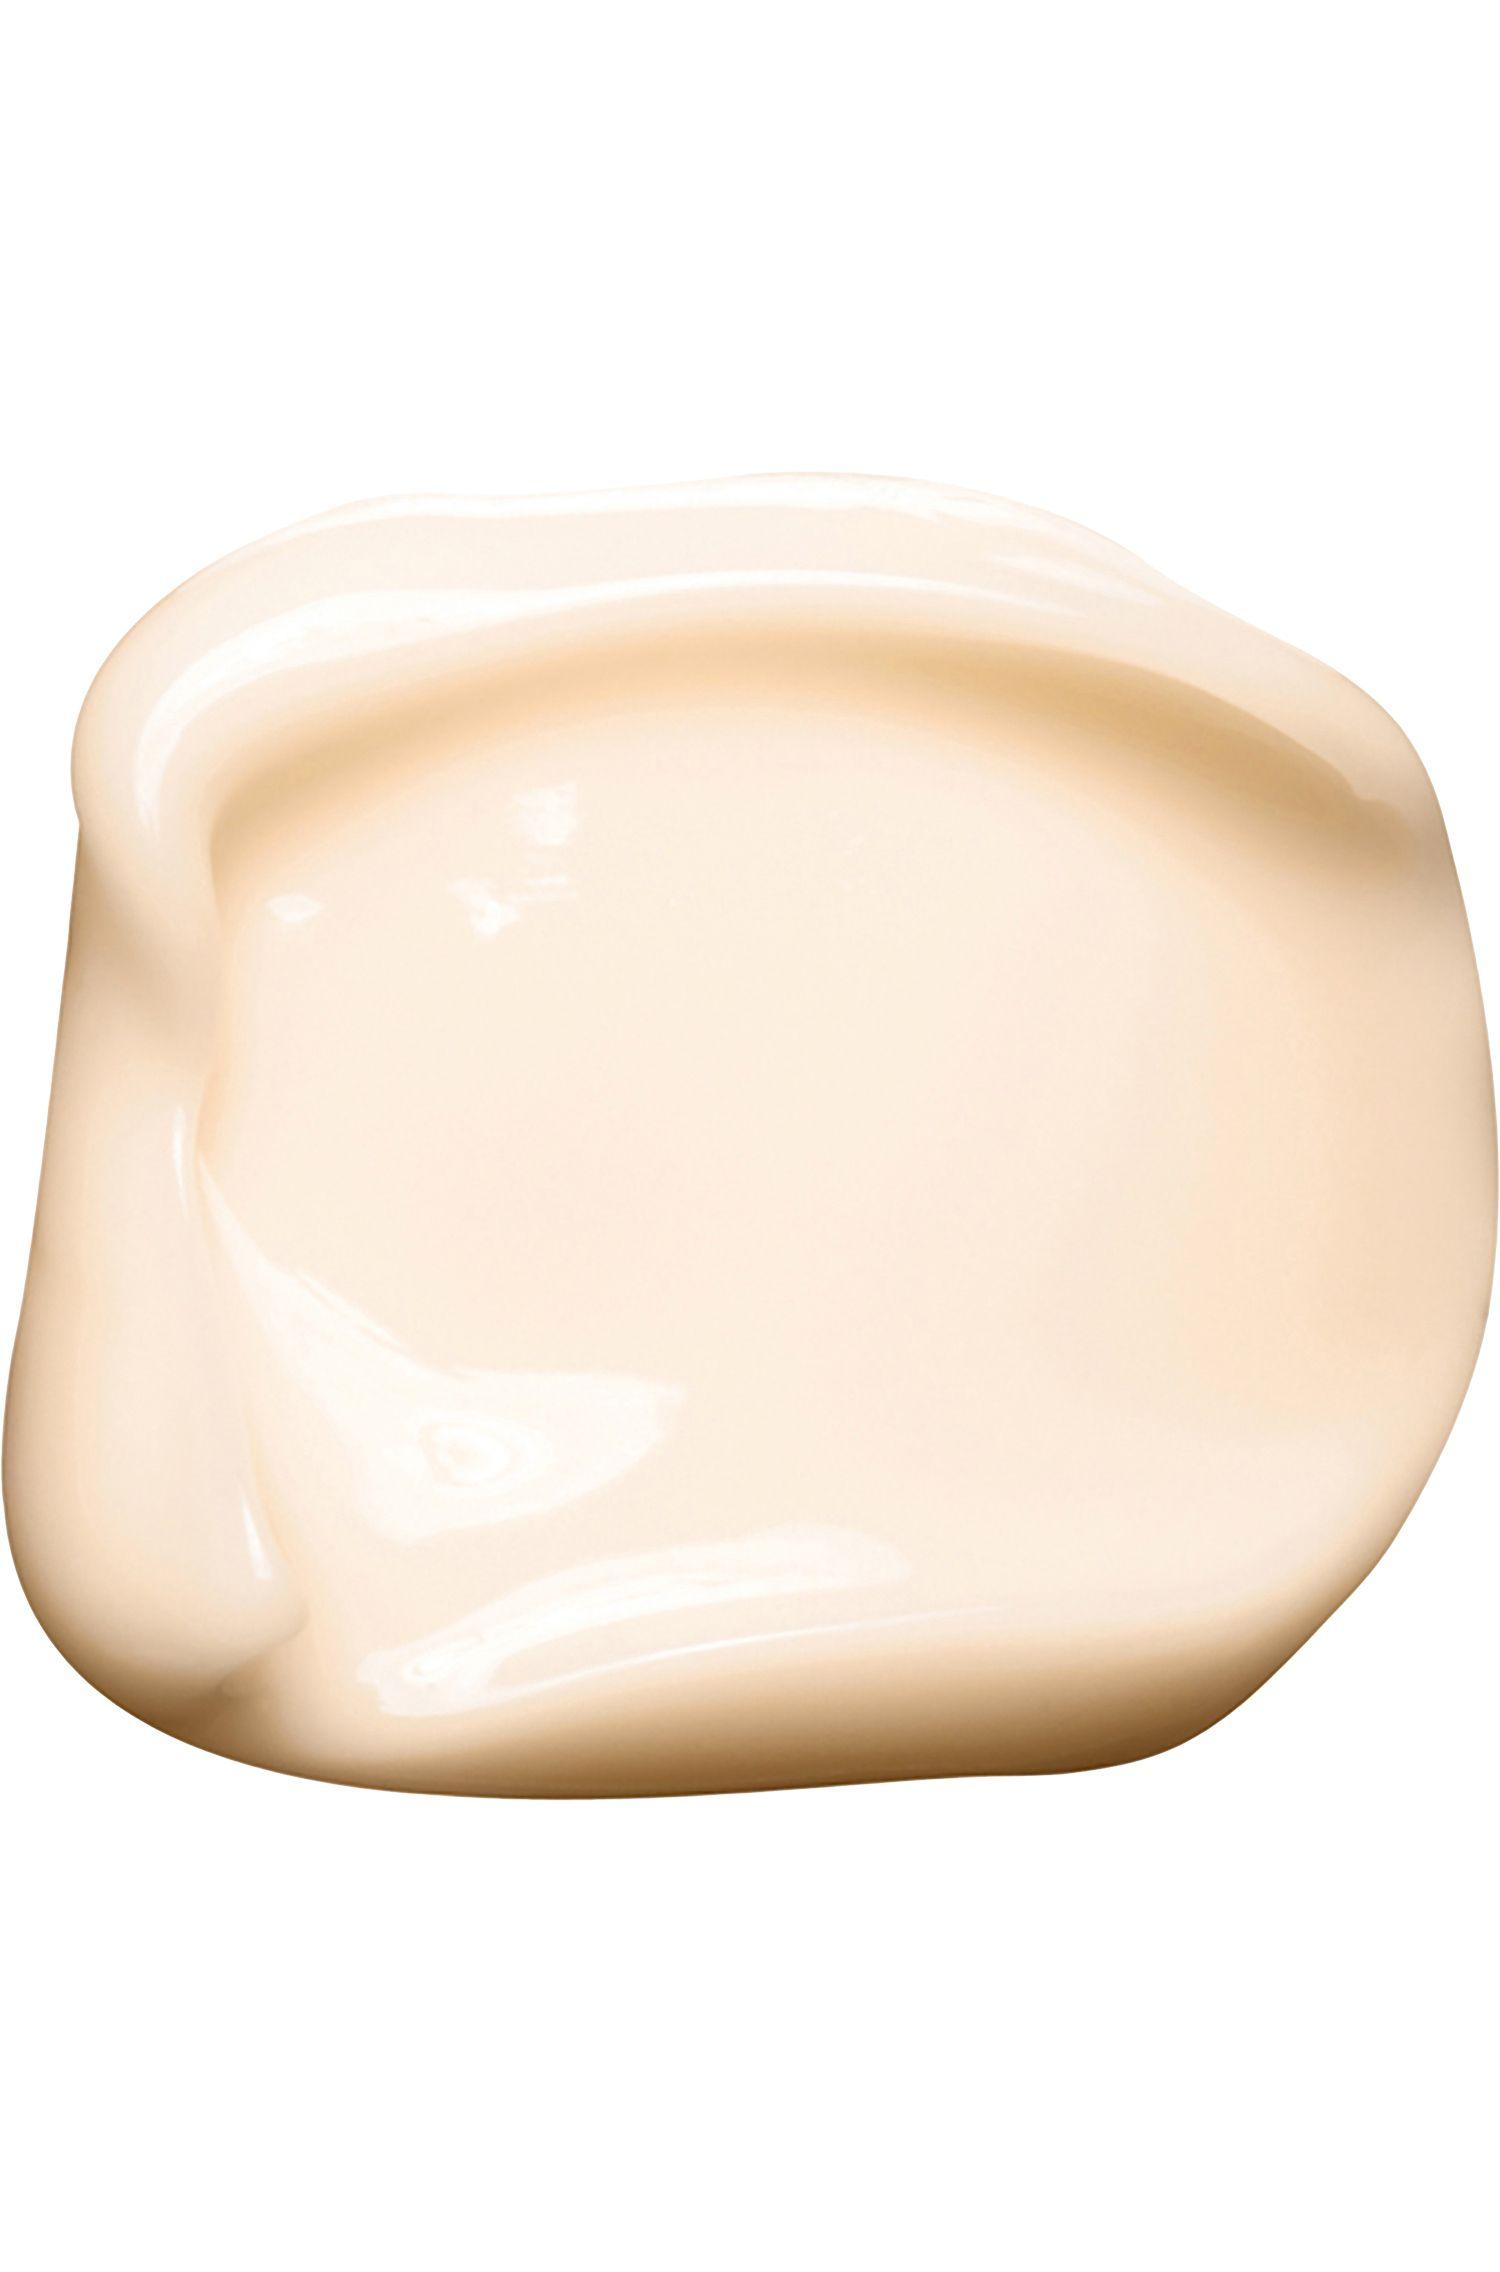 Blissim : Clarins - Gelée hydratante visage Eclat du Jour - Gelée hydratante visage Eclat du Jour